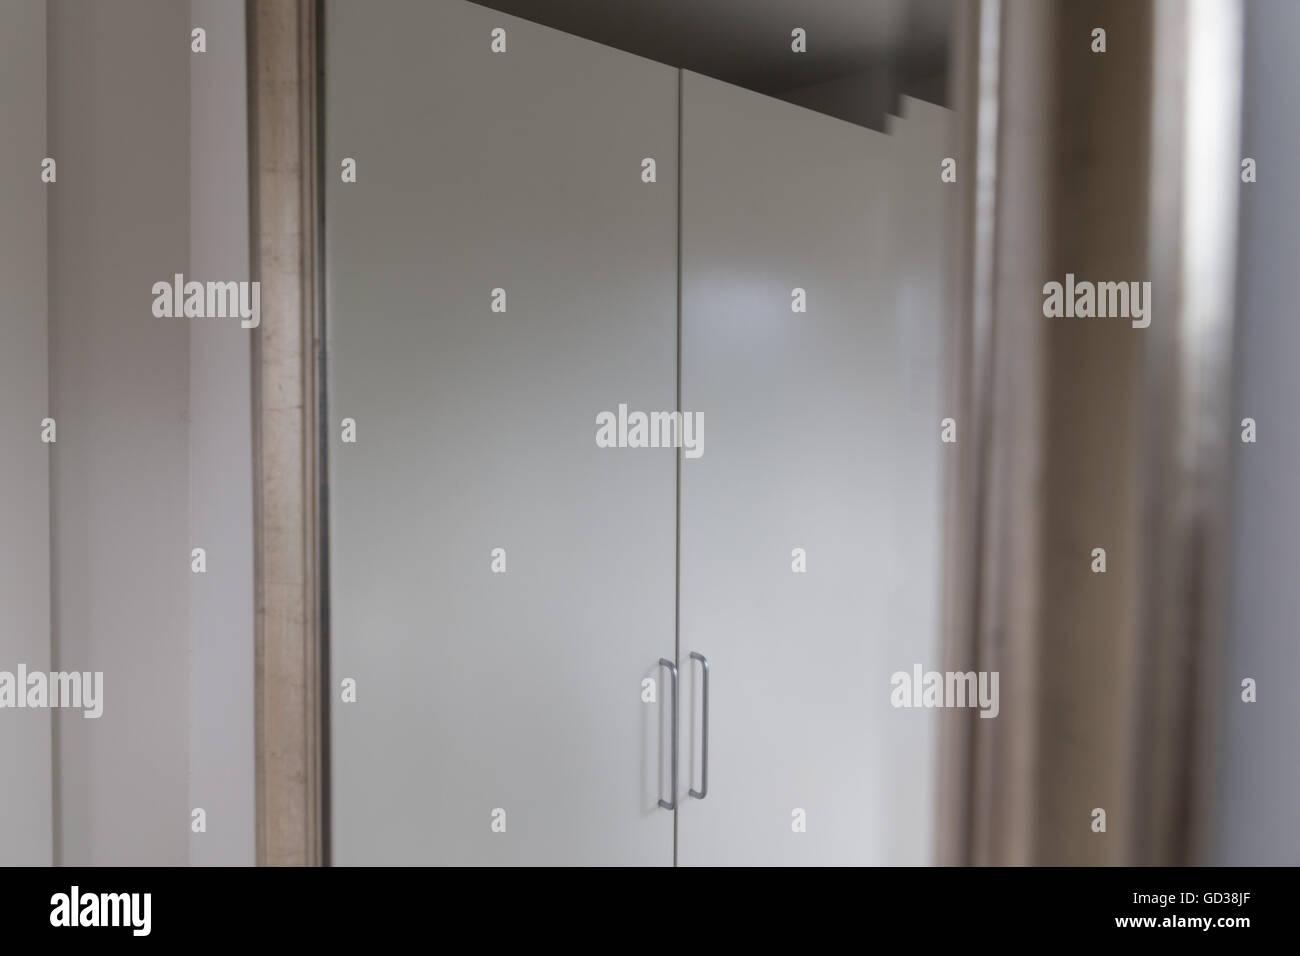 Closet seen through mirror - Stock Image